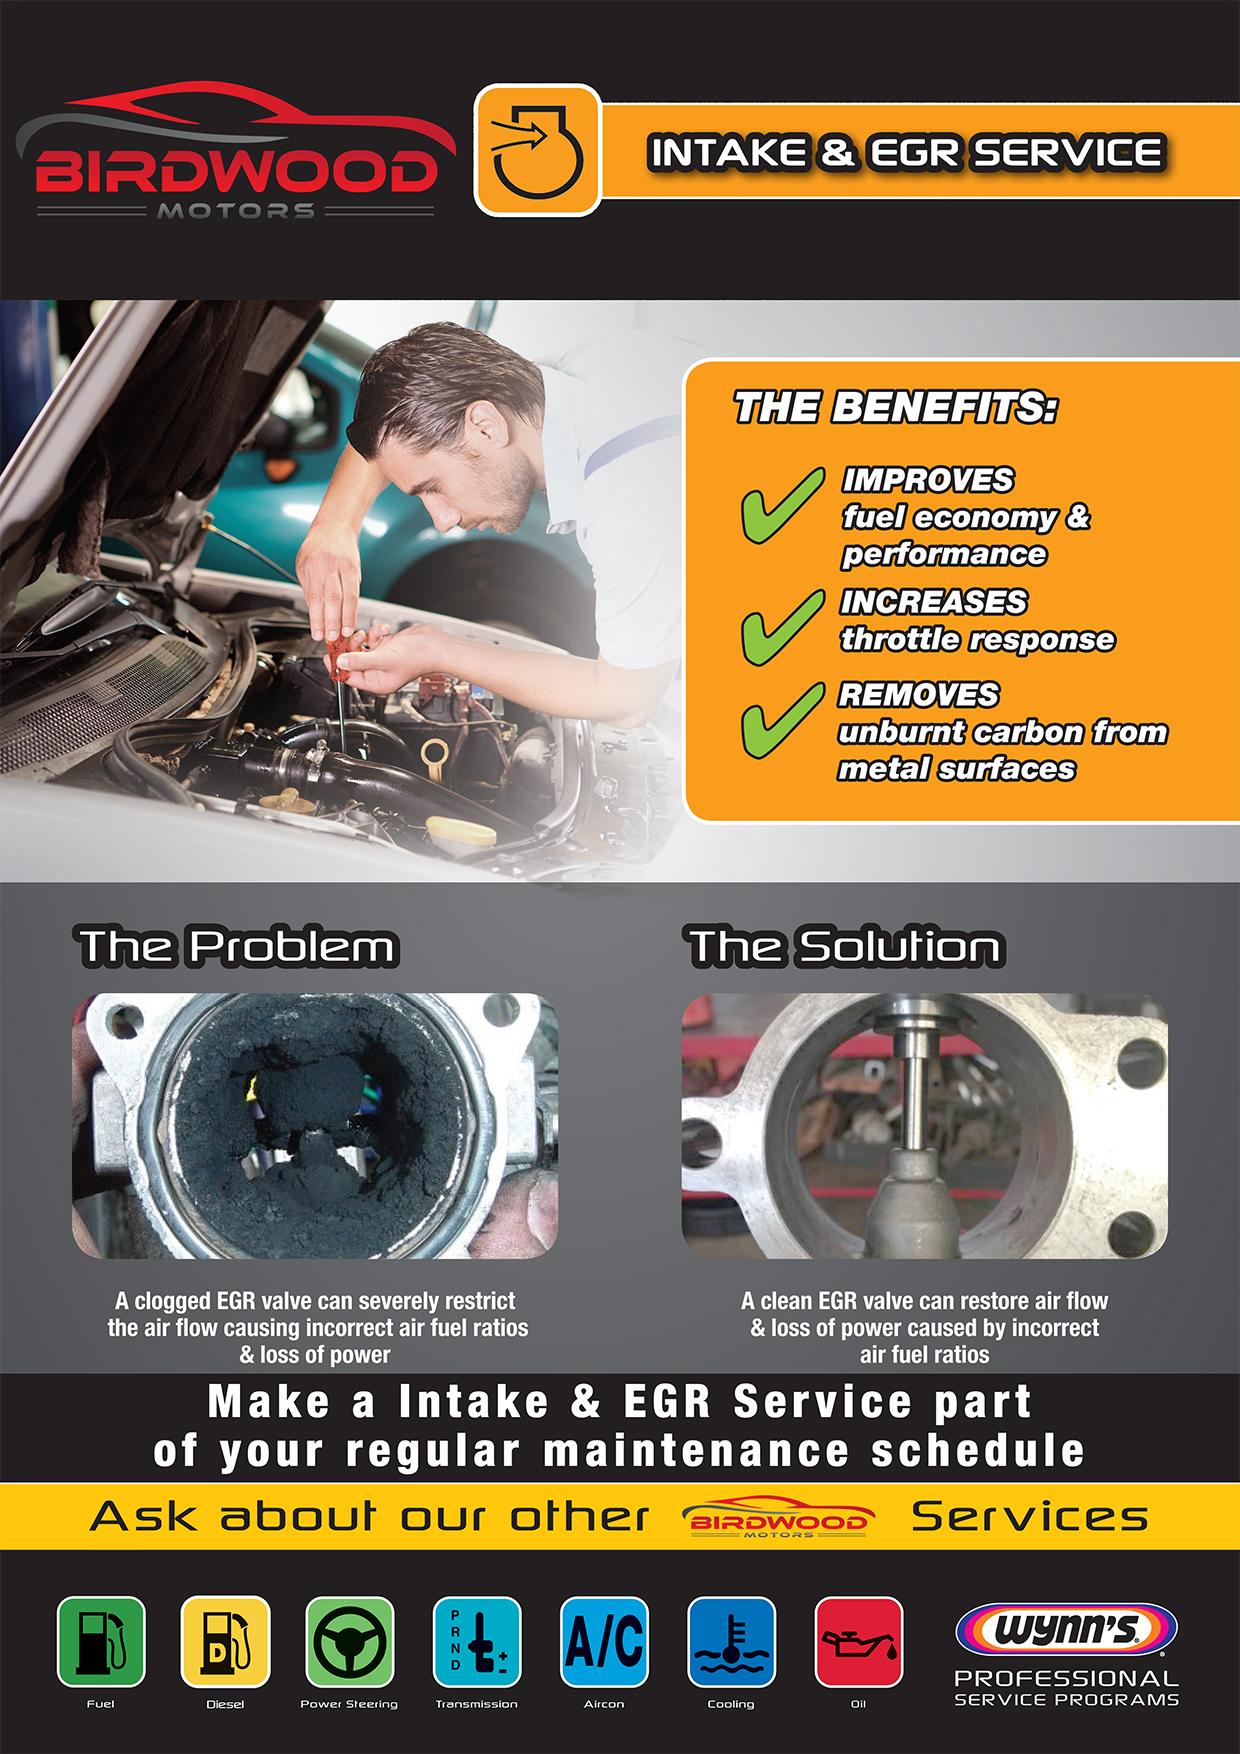 Intake & EGR System Service Poster (Birdwood)